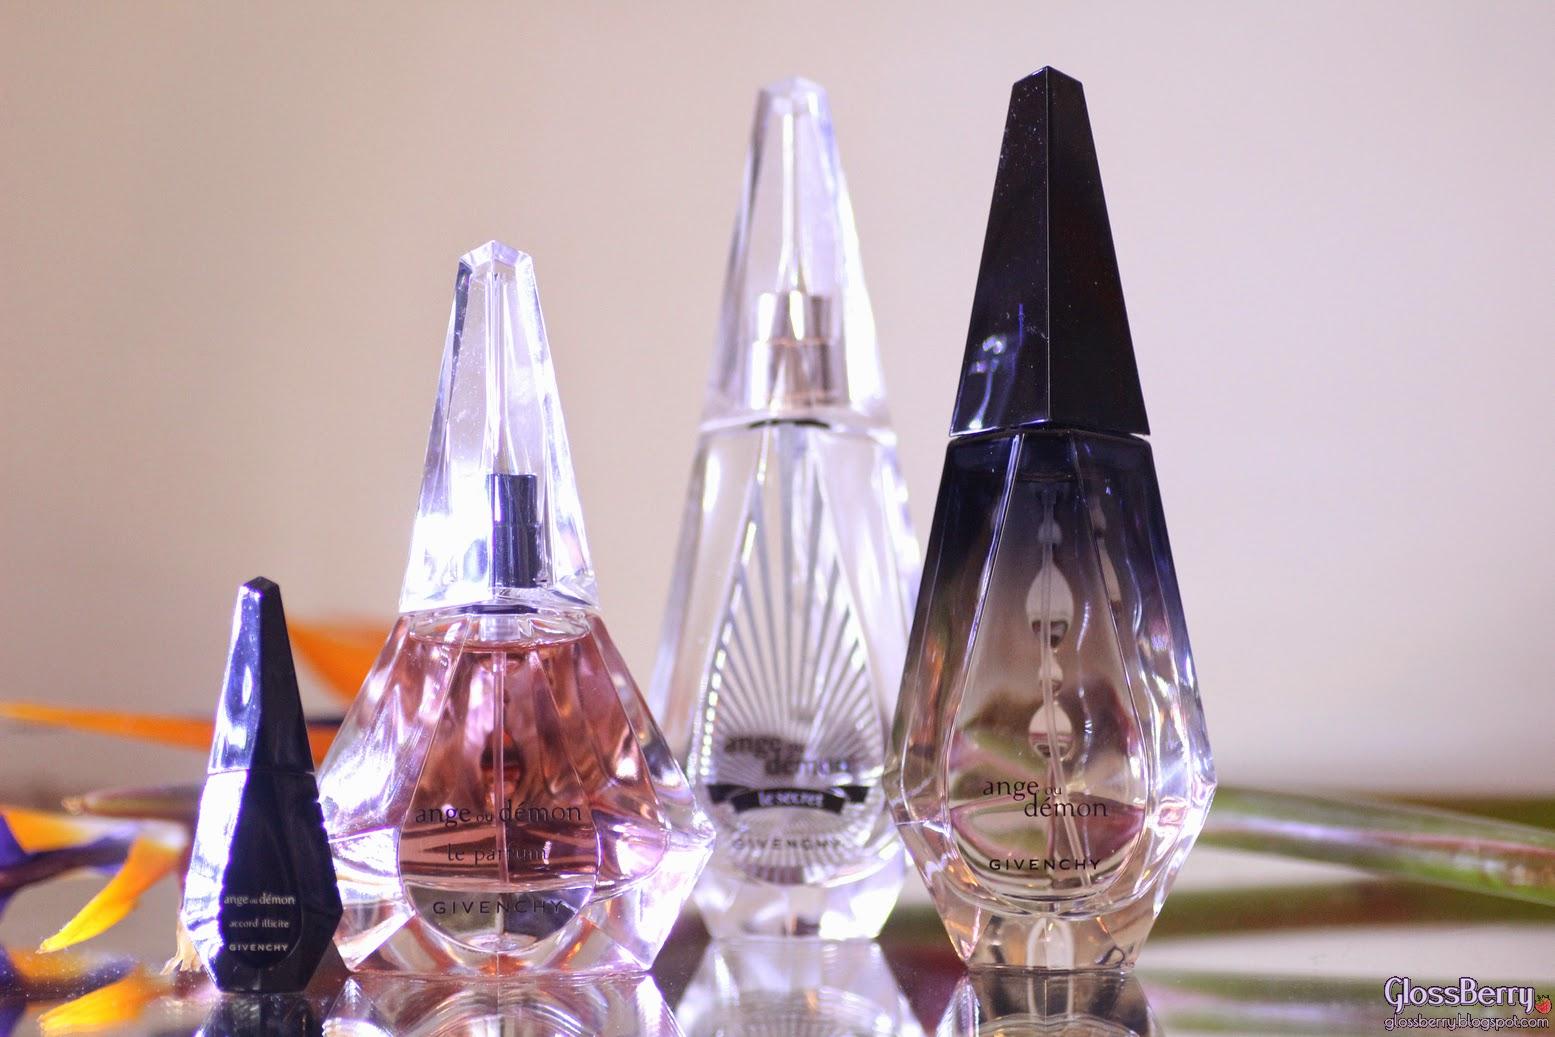 בשמים מומלצים ג'יבנשי גיבנשי אנג' או דמון ange au demon prefumes review glossberry